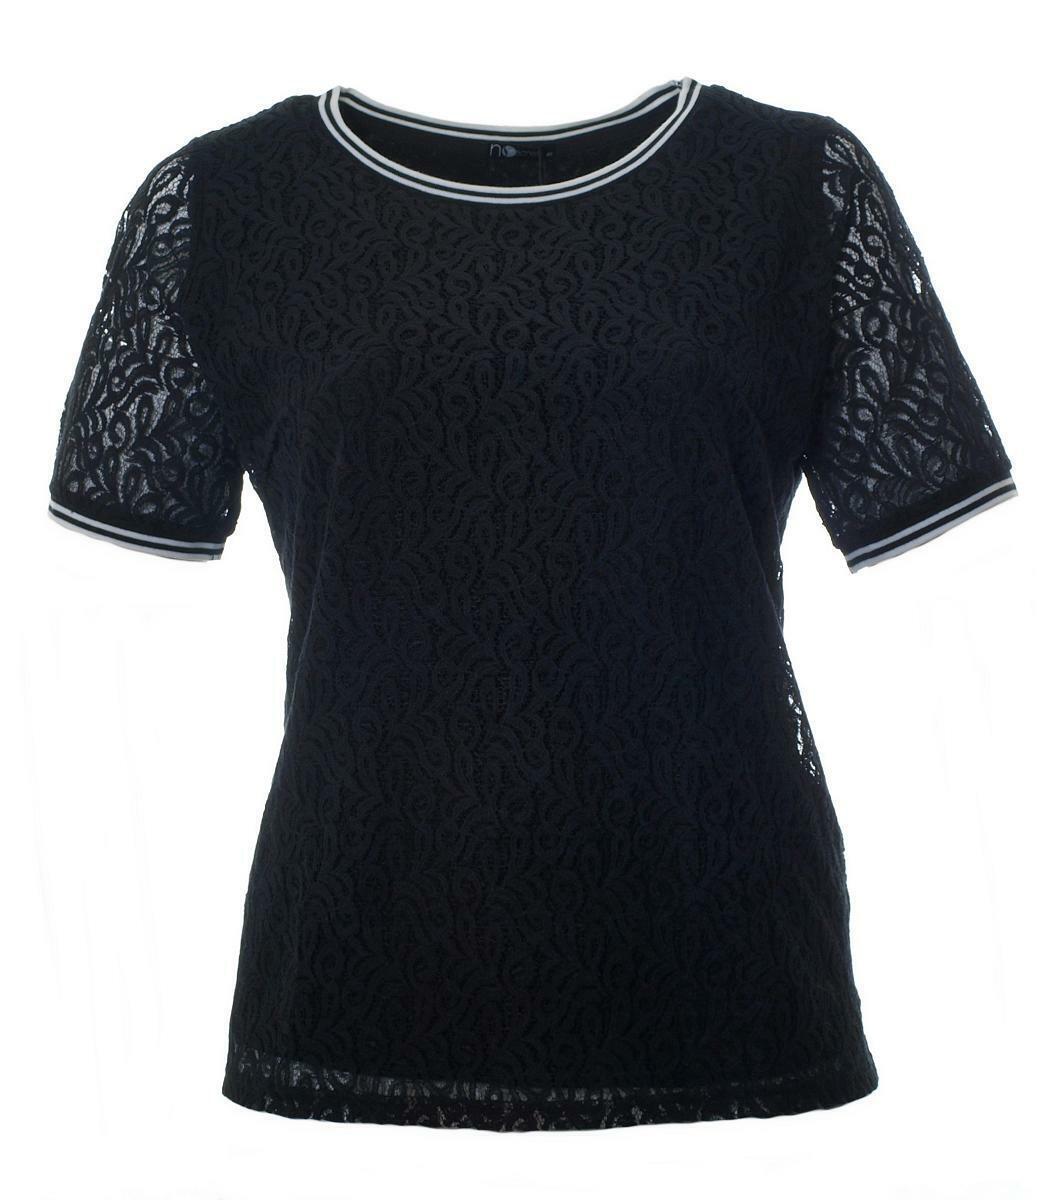 No secret shirt da donna in pizzo nero grandi dimensioni a maniche corte in cotone